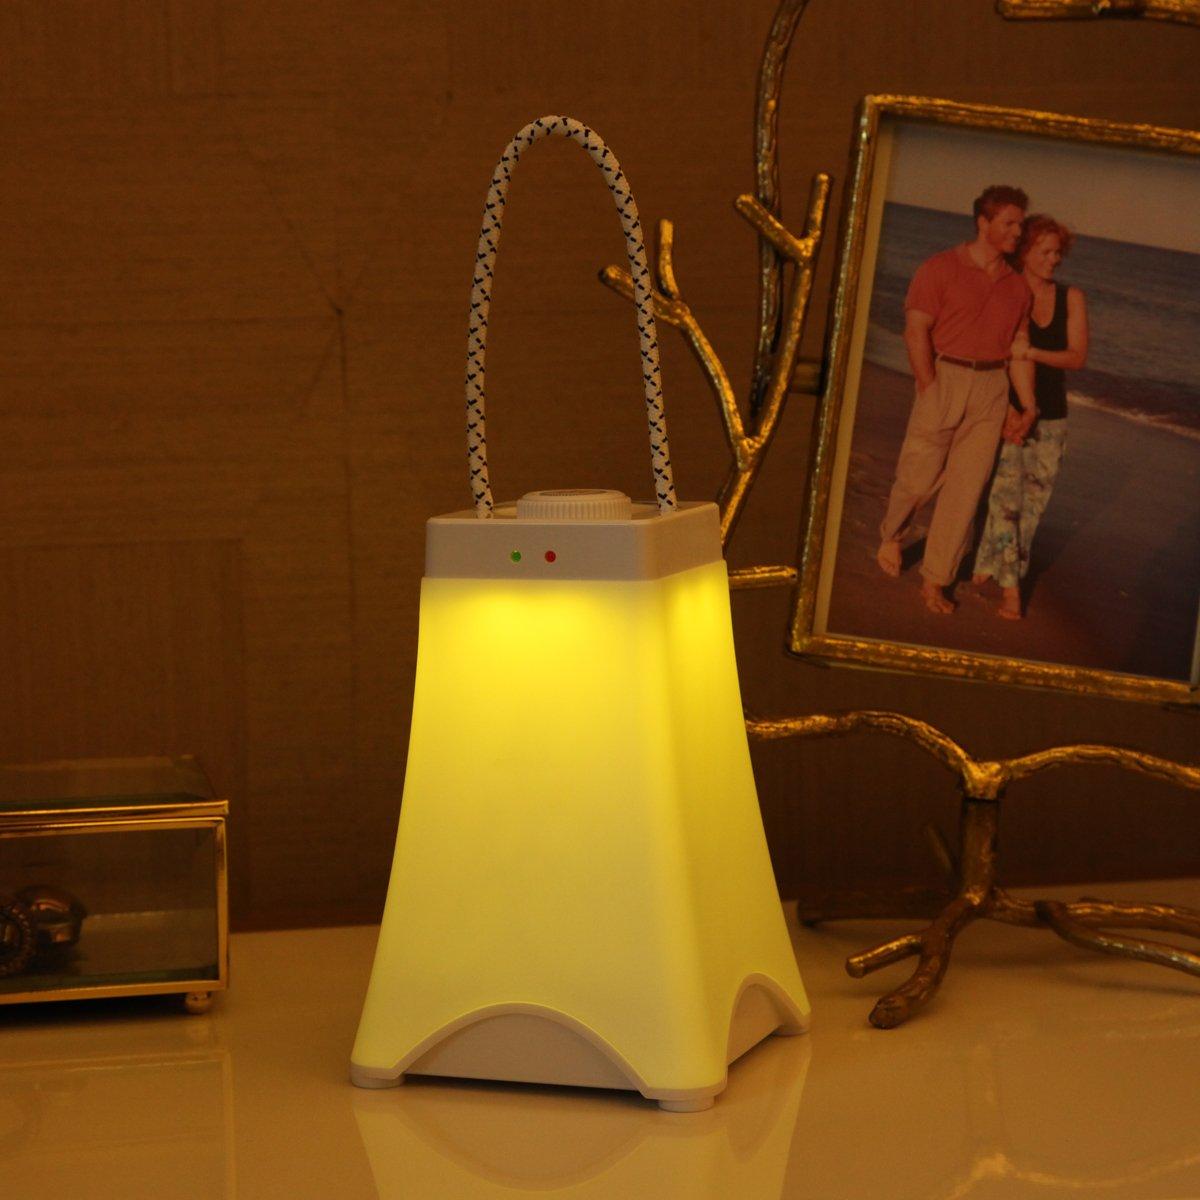 blanco c/álido decoraci/ón de jard/ín acampar al aire libre OBELON L/ámpara de mesa port/átil con luces blancas c/álidas,regulable,usb recargable,manejar,luz de la noche de los ni/ños para el hogar